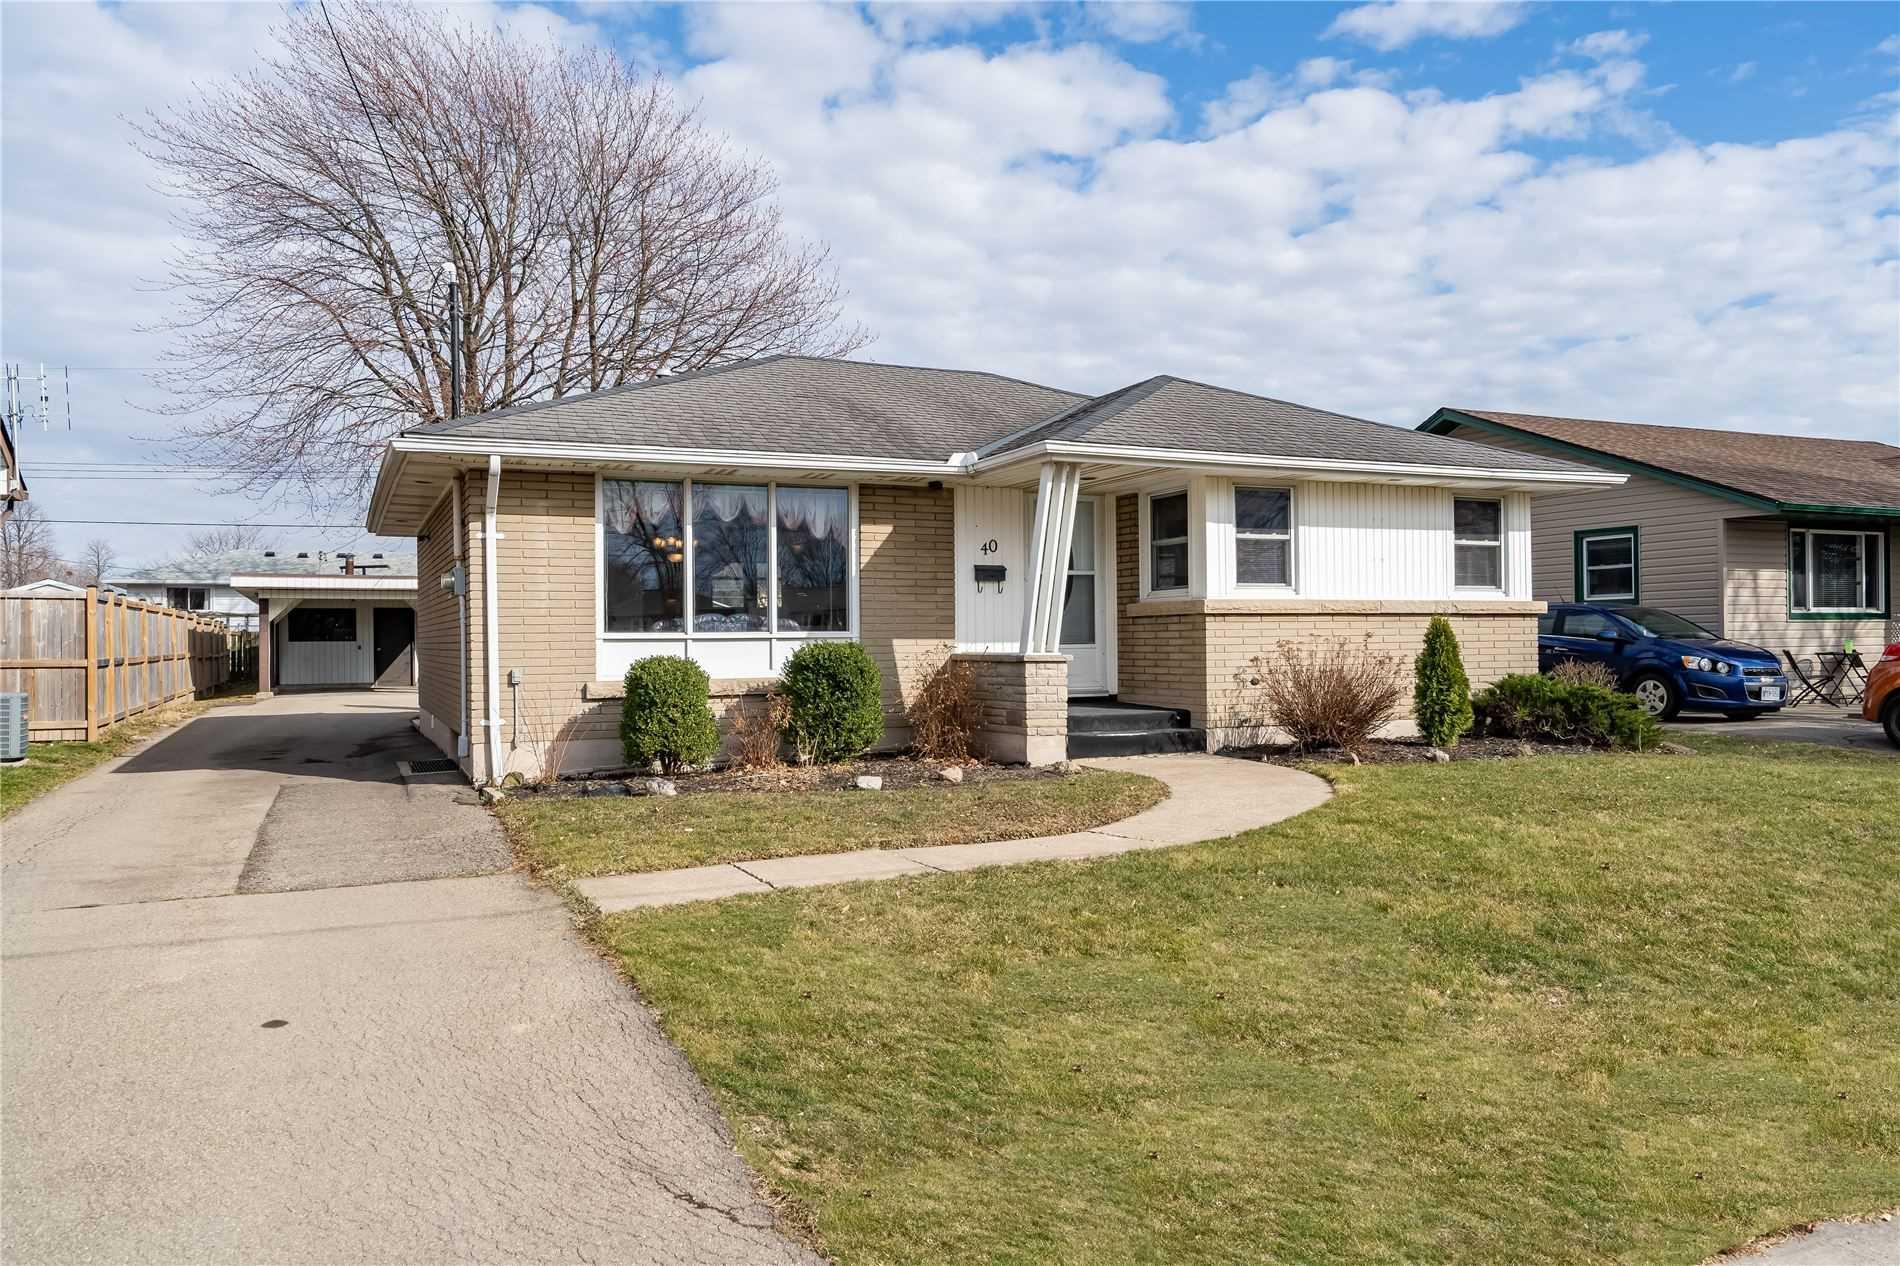 40 Golden Blvd, Welland, Ontario L3B 1H4, 2 Bedrooms Bedrooms, ,2 BathroomsBathrooms,Detached,For Sale,Golden,X5176763